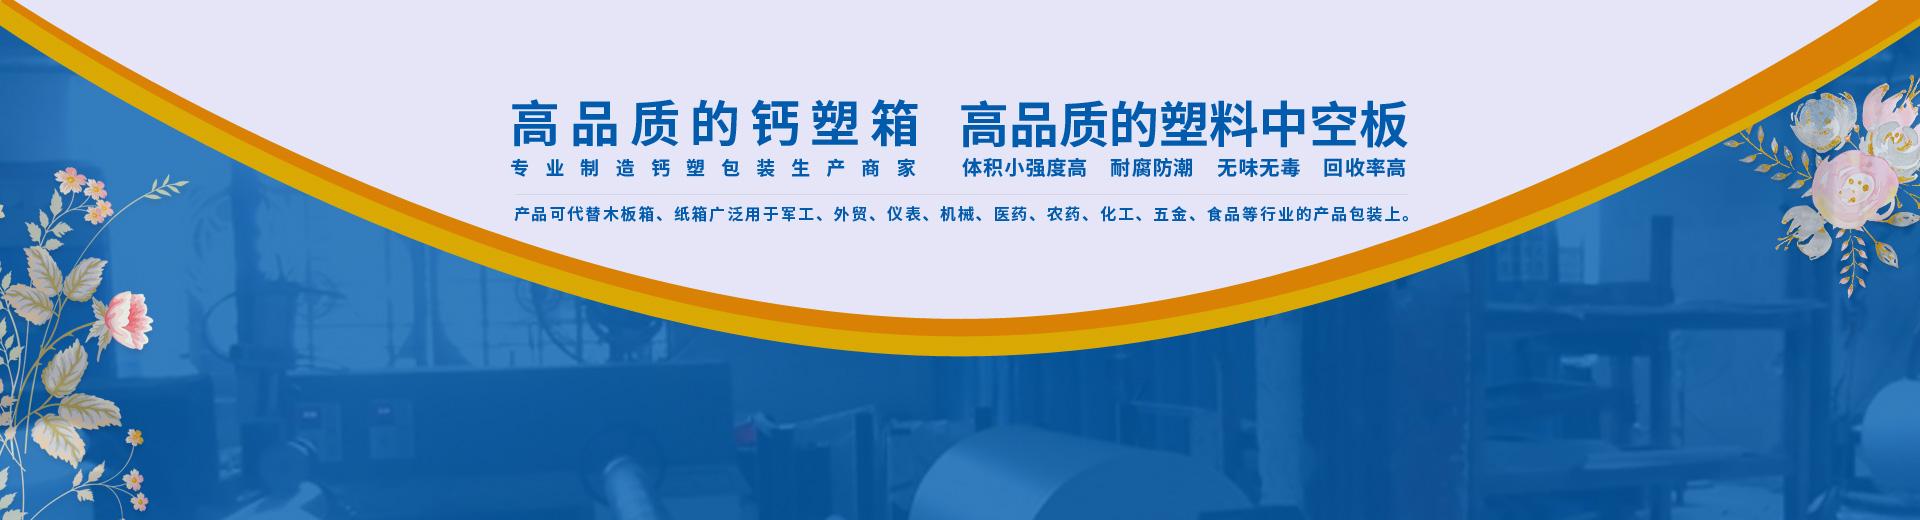 钙塑瓦楞板厂家